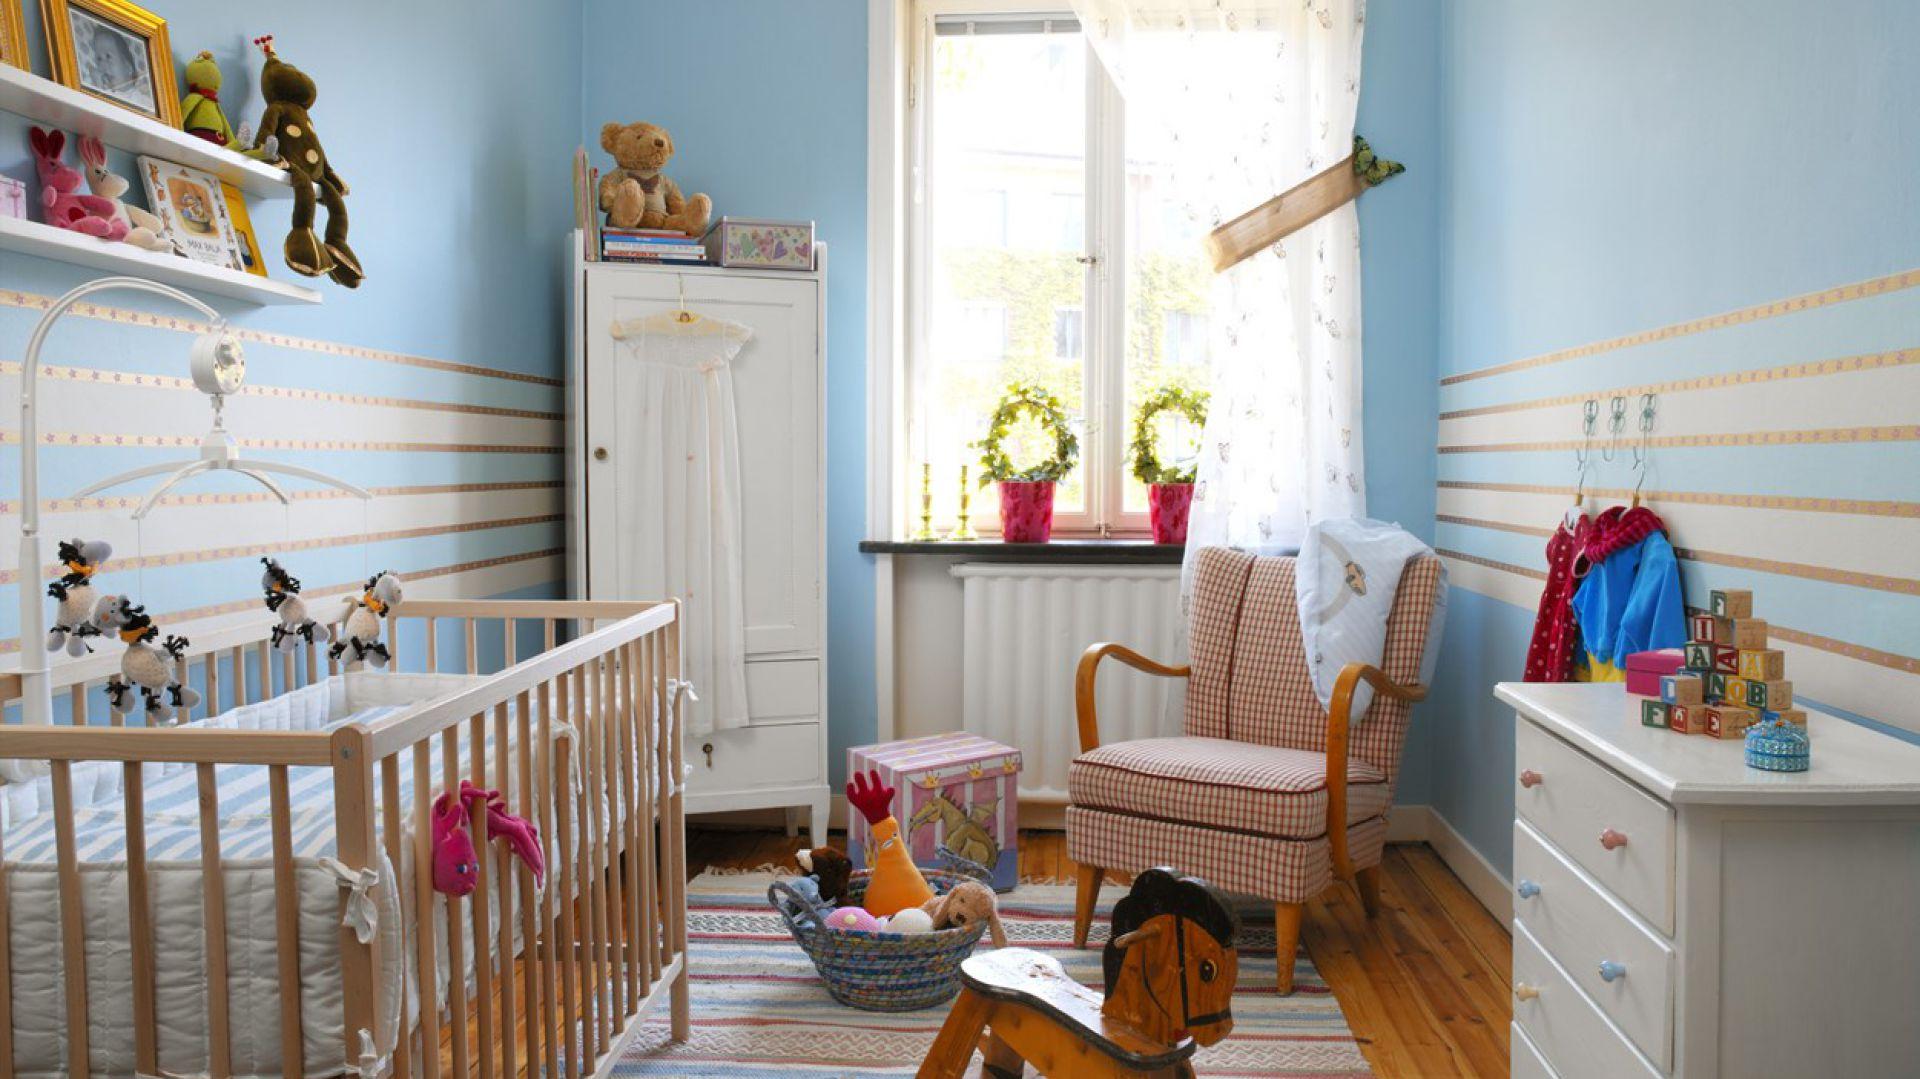 Pokój dla niemowlaka. Fot. Beckers